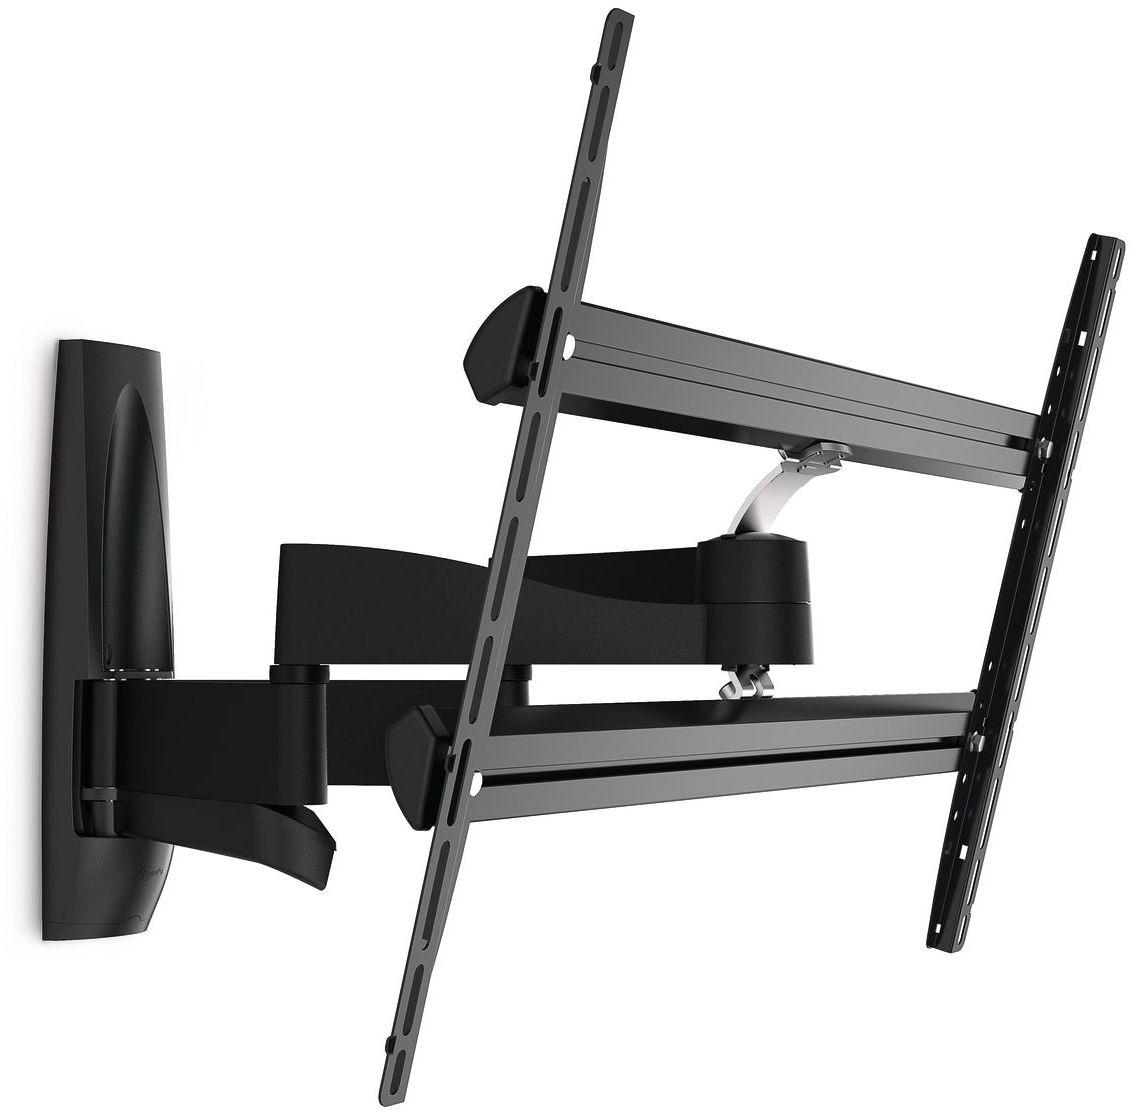 vogel 39 s wall 3450 draaibare tv beugel 55 100 kenmerken. Black Bedroom Furniture Sets. Home Design Ideas